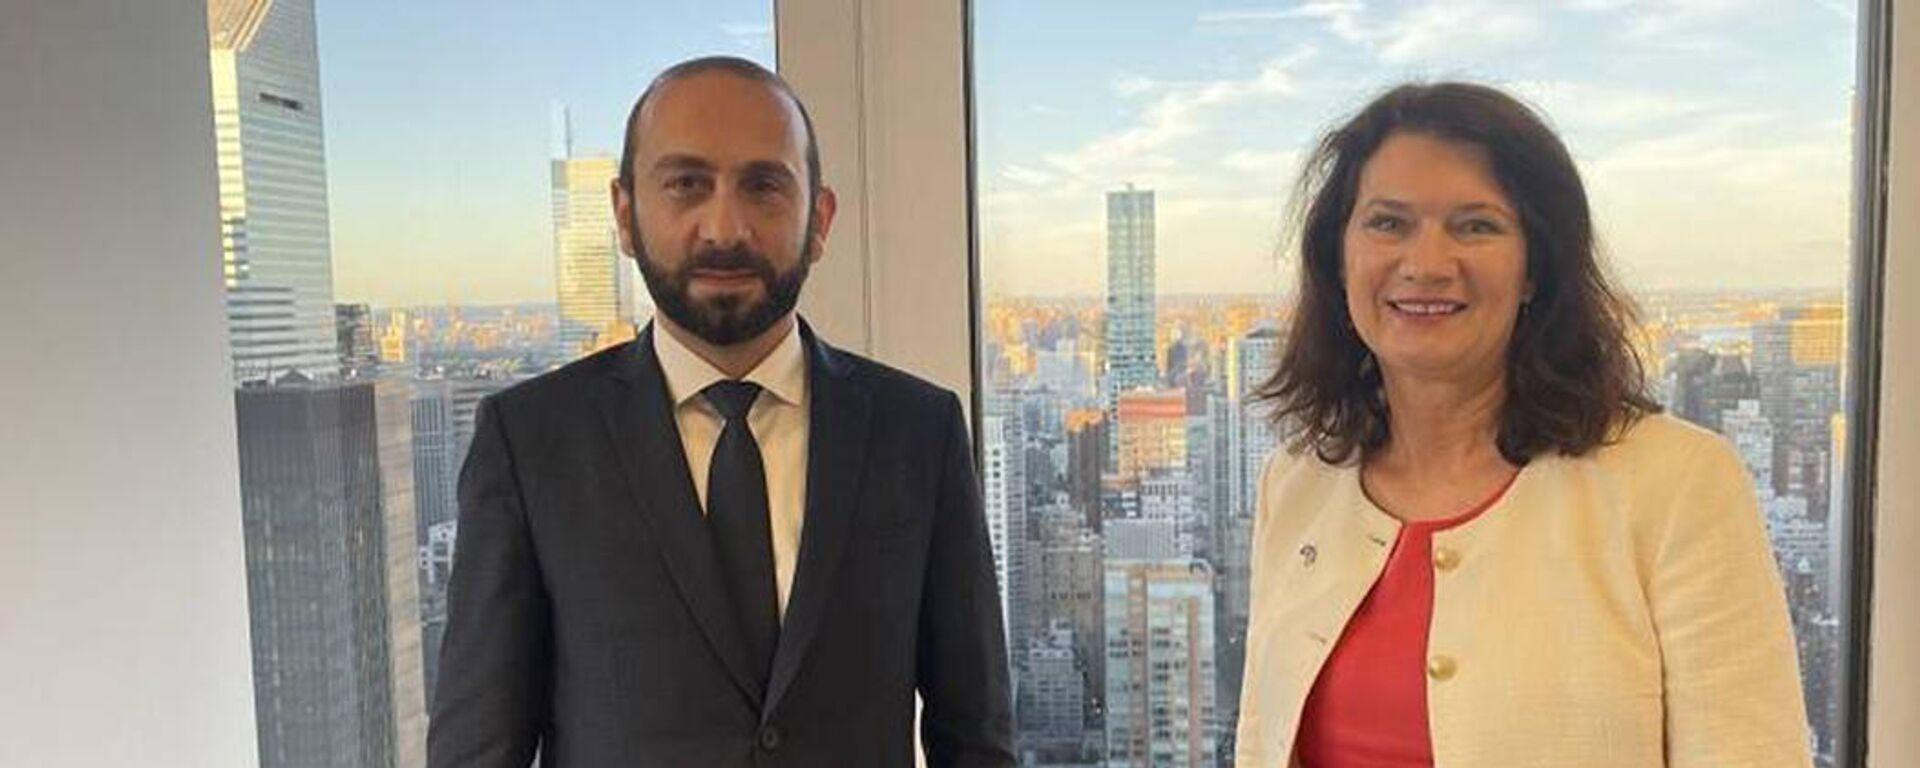 Министр иностранных дел Армении Арарат Мирзоян встретился с главой МИД Швеции Анн Линде (25 сентября 2021). Нью-Йорк - Sputnik Արմենիա, 1920, 25.09.2021